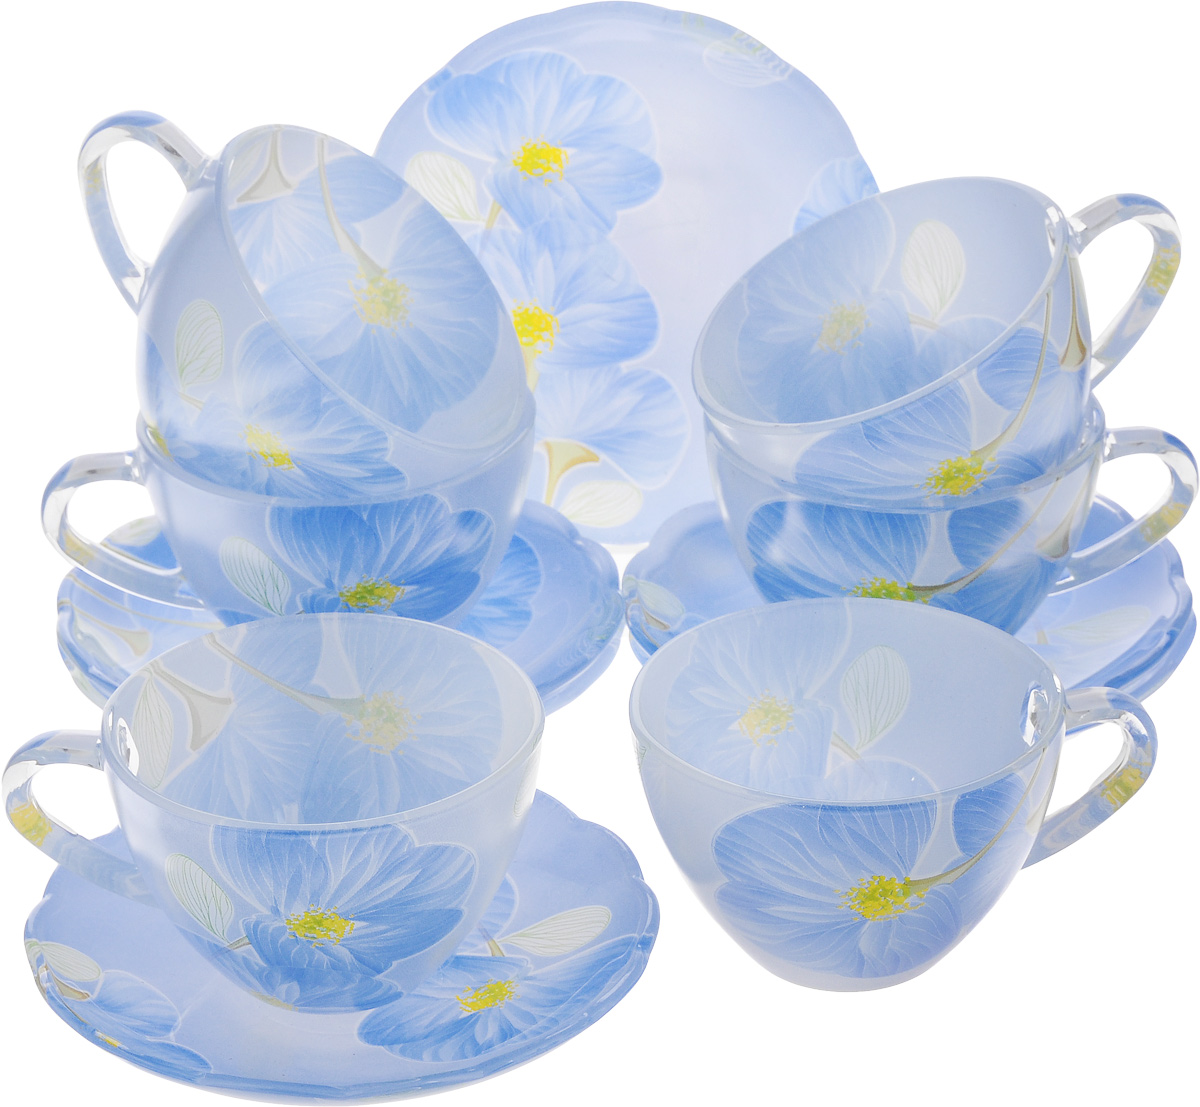 Набор чайный Loraine, 12 предметов. 2412324123Чайный набор Loraine состоит из 6 чашек и 6блюдец, выполненных извысококачественного стекла. Изделия прекраснодополнятсервировку стола к чаепитию.Благодаря изысканному дизайну и качествуисполнения такой набор станетзамечательным подарком для ваших друзей иблизких.Объем чашки: 200 мл.Диаметр чашки по верхнему краю: 9 см.Высота чашки: 6 см.Диаметр блюдца: 13 см. Высота блюдца: 2 см.